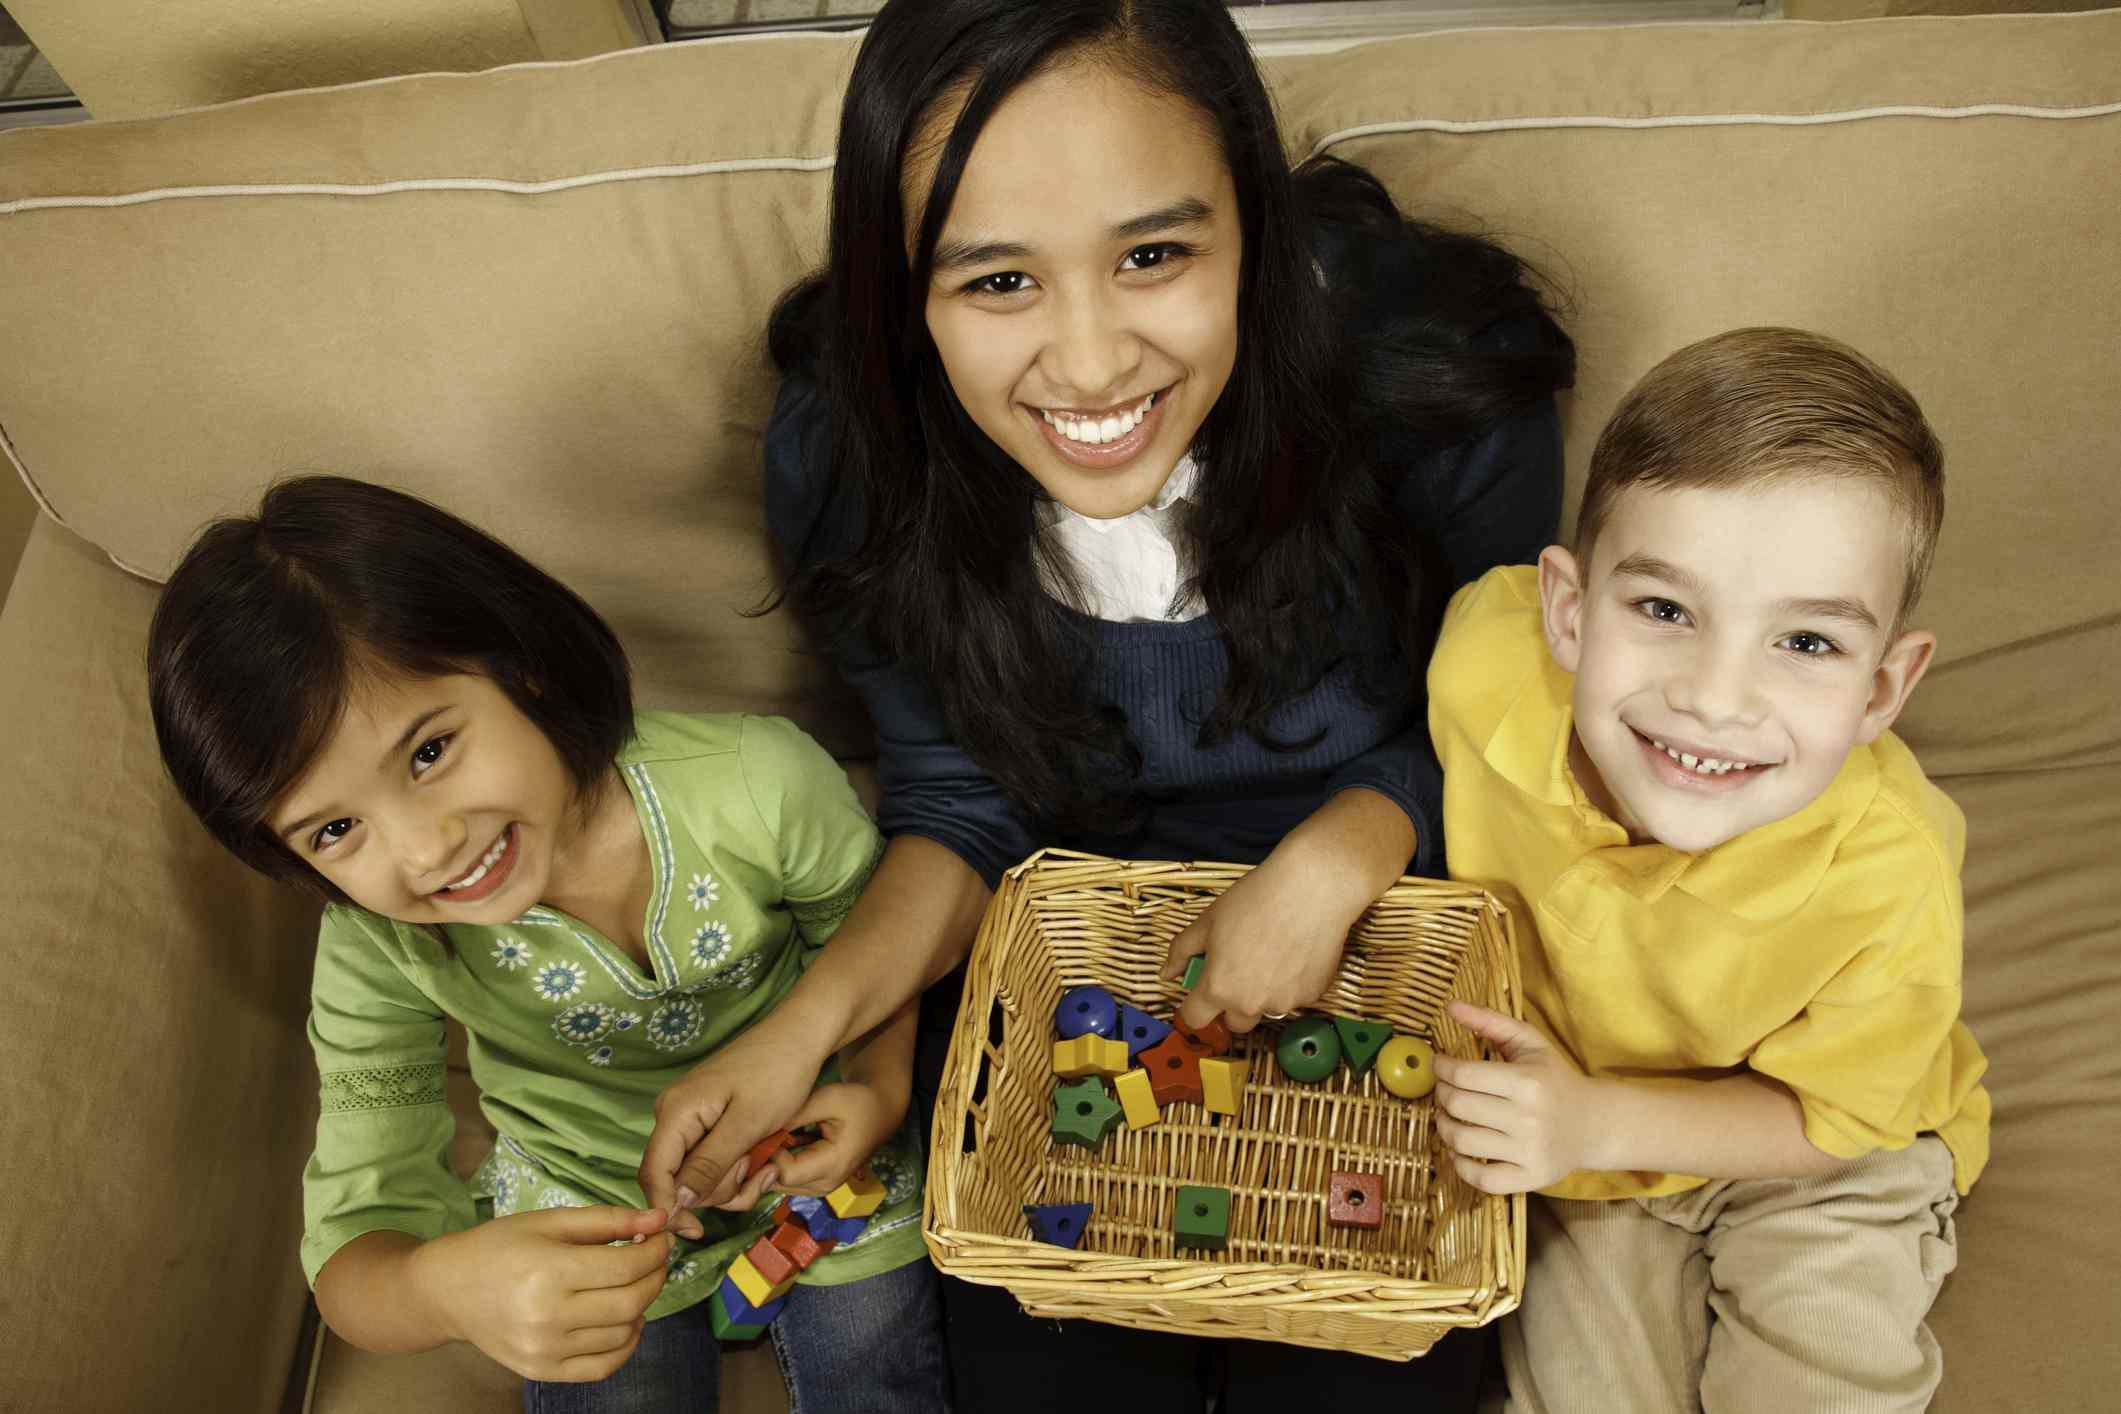 Babysitter with Two Happy Children